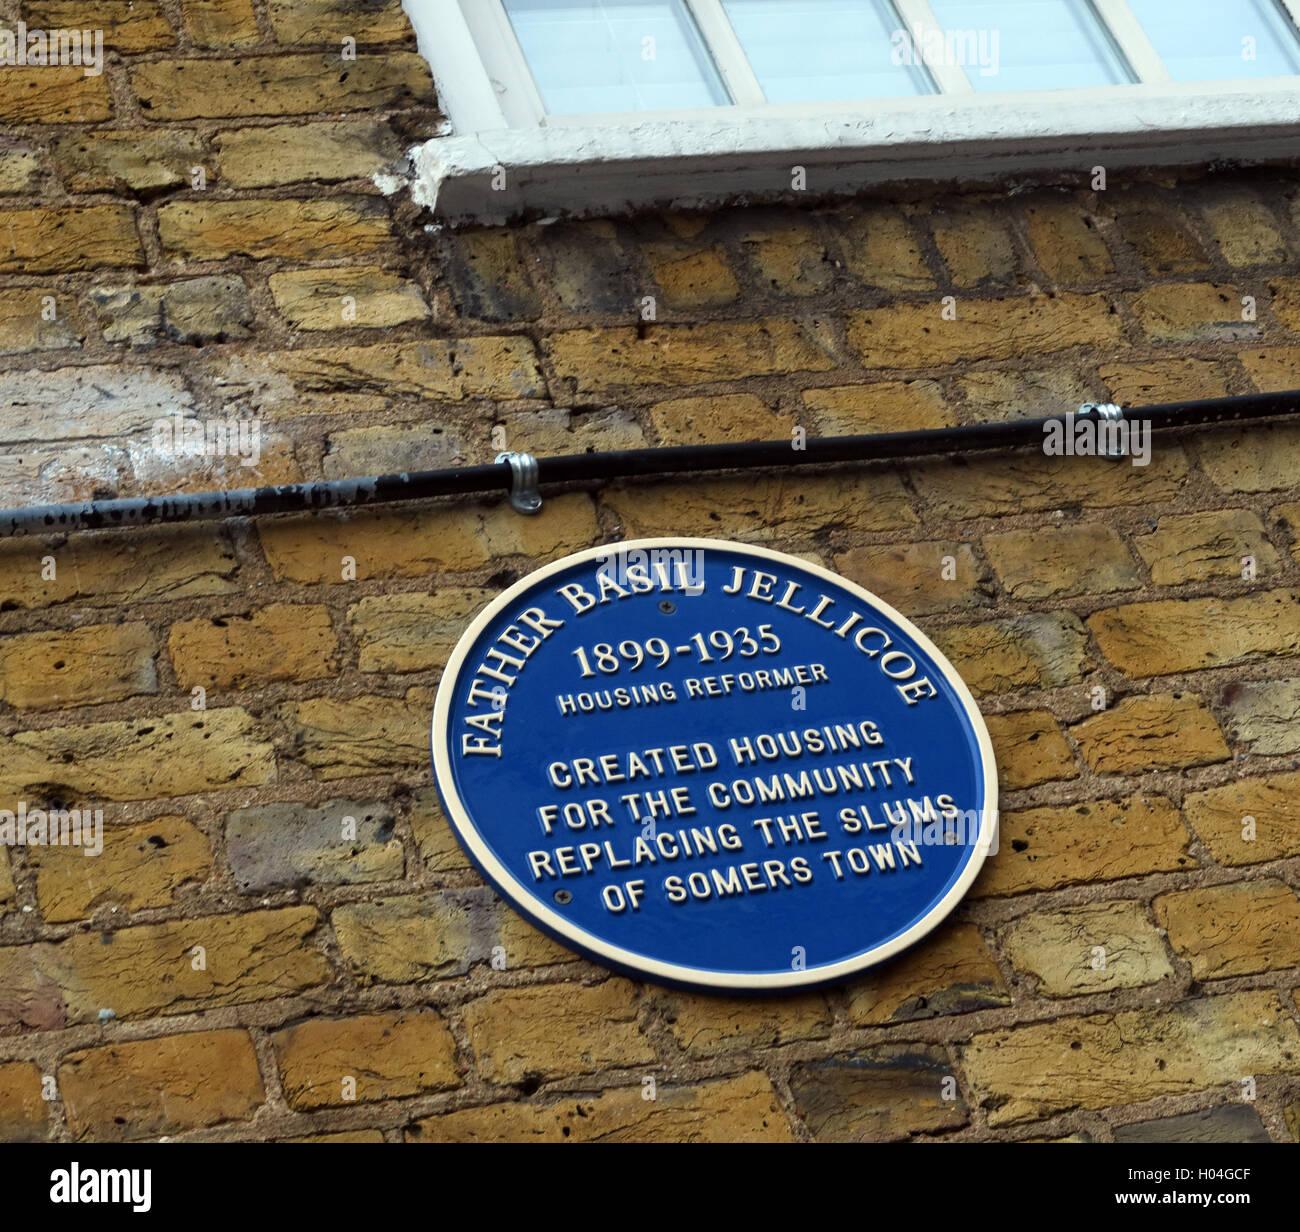 Somers Town,Euston,Father Basil Jellicoe memorial Stock Photo